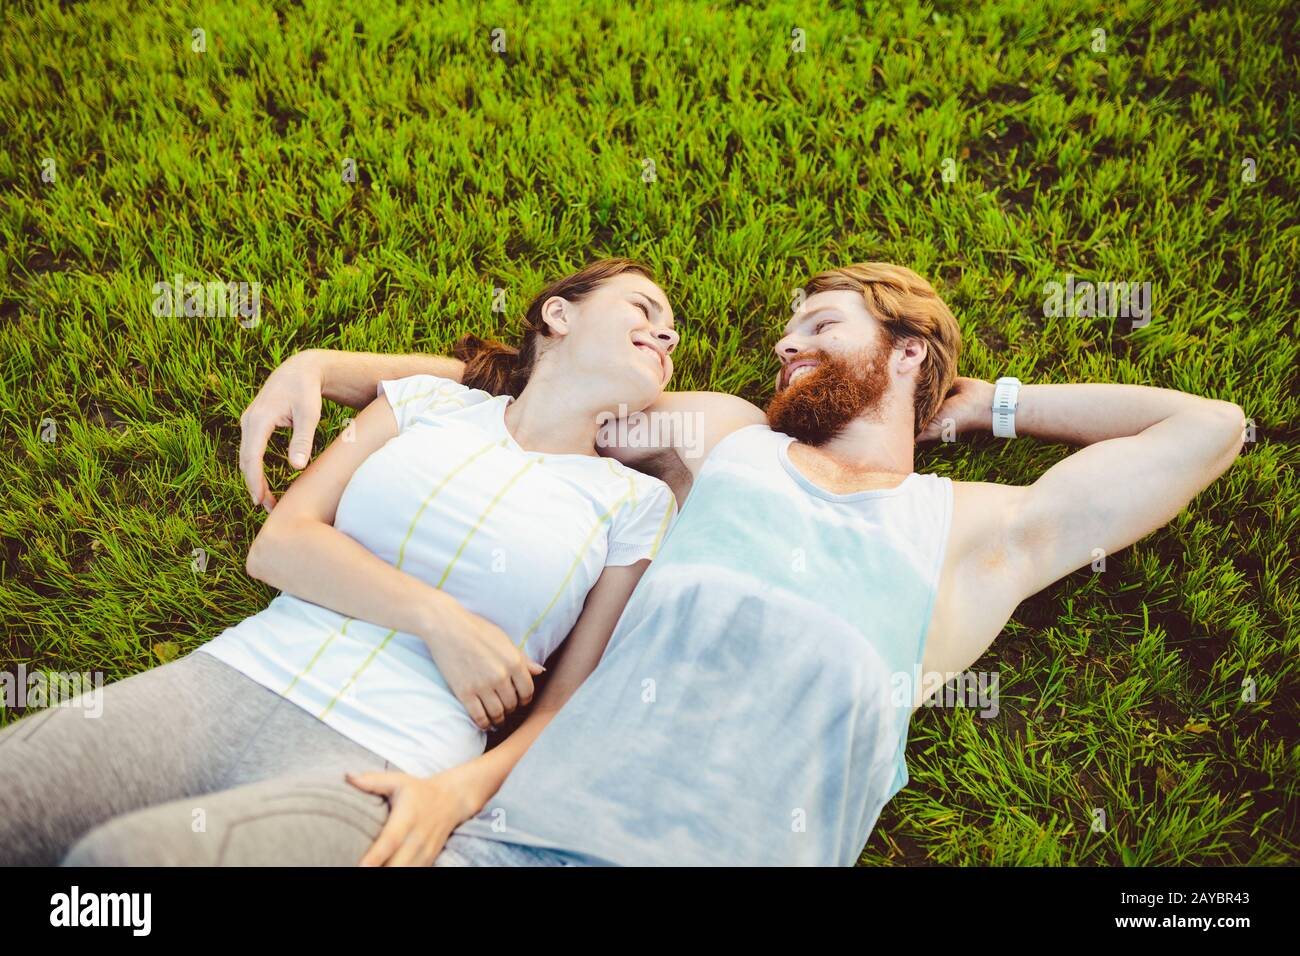 Le thème est le sport et un style de vie sain. Un jeune homme et un couple de femmes reposent sur leur dos sur l'herbe verte, une pelouse Banque D'Images